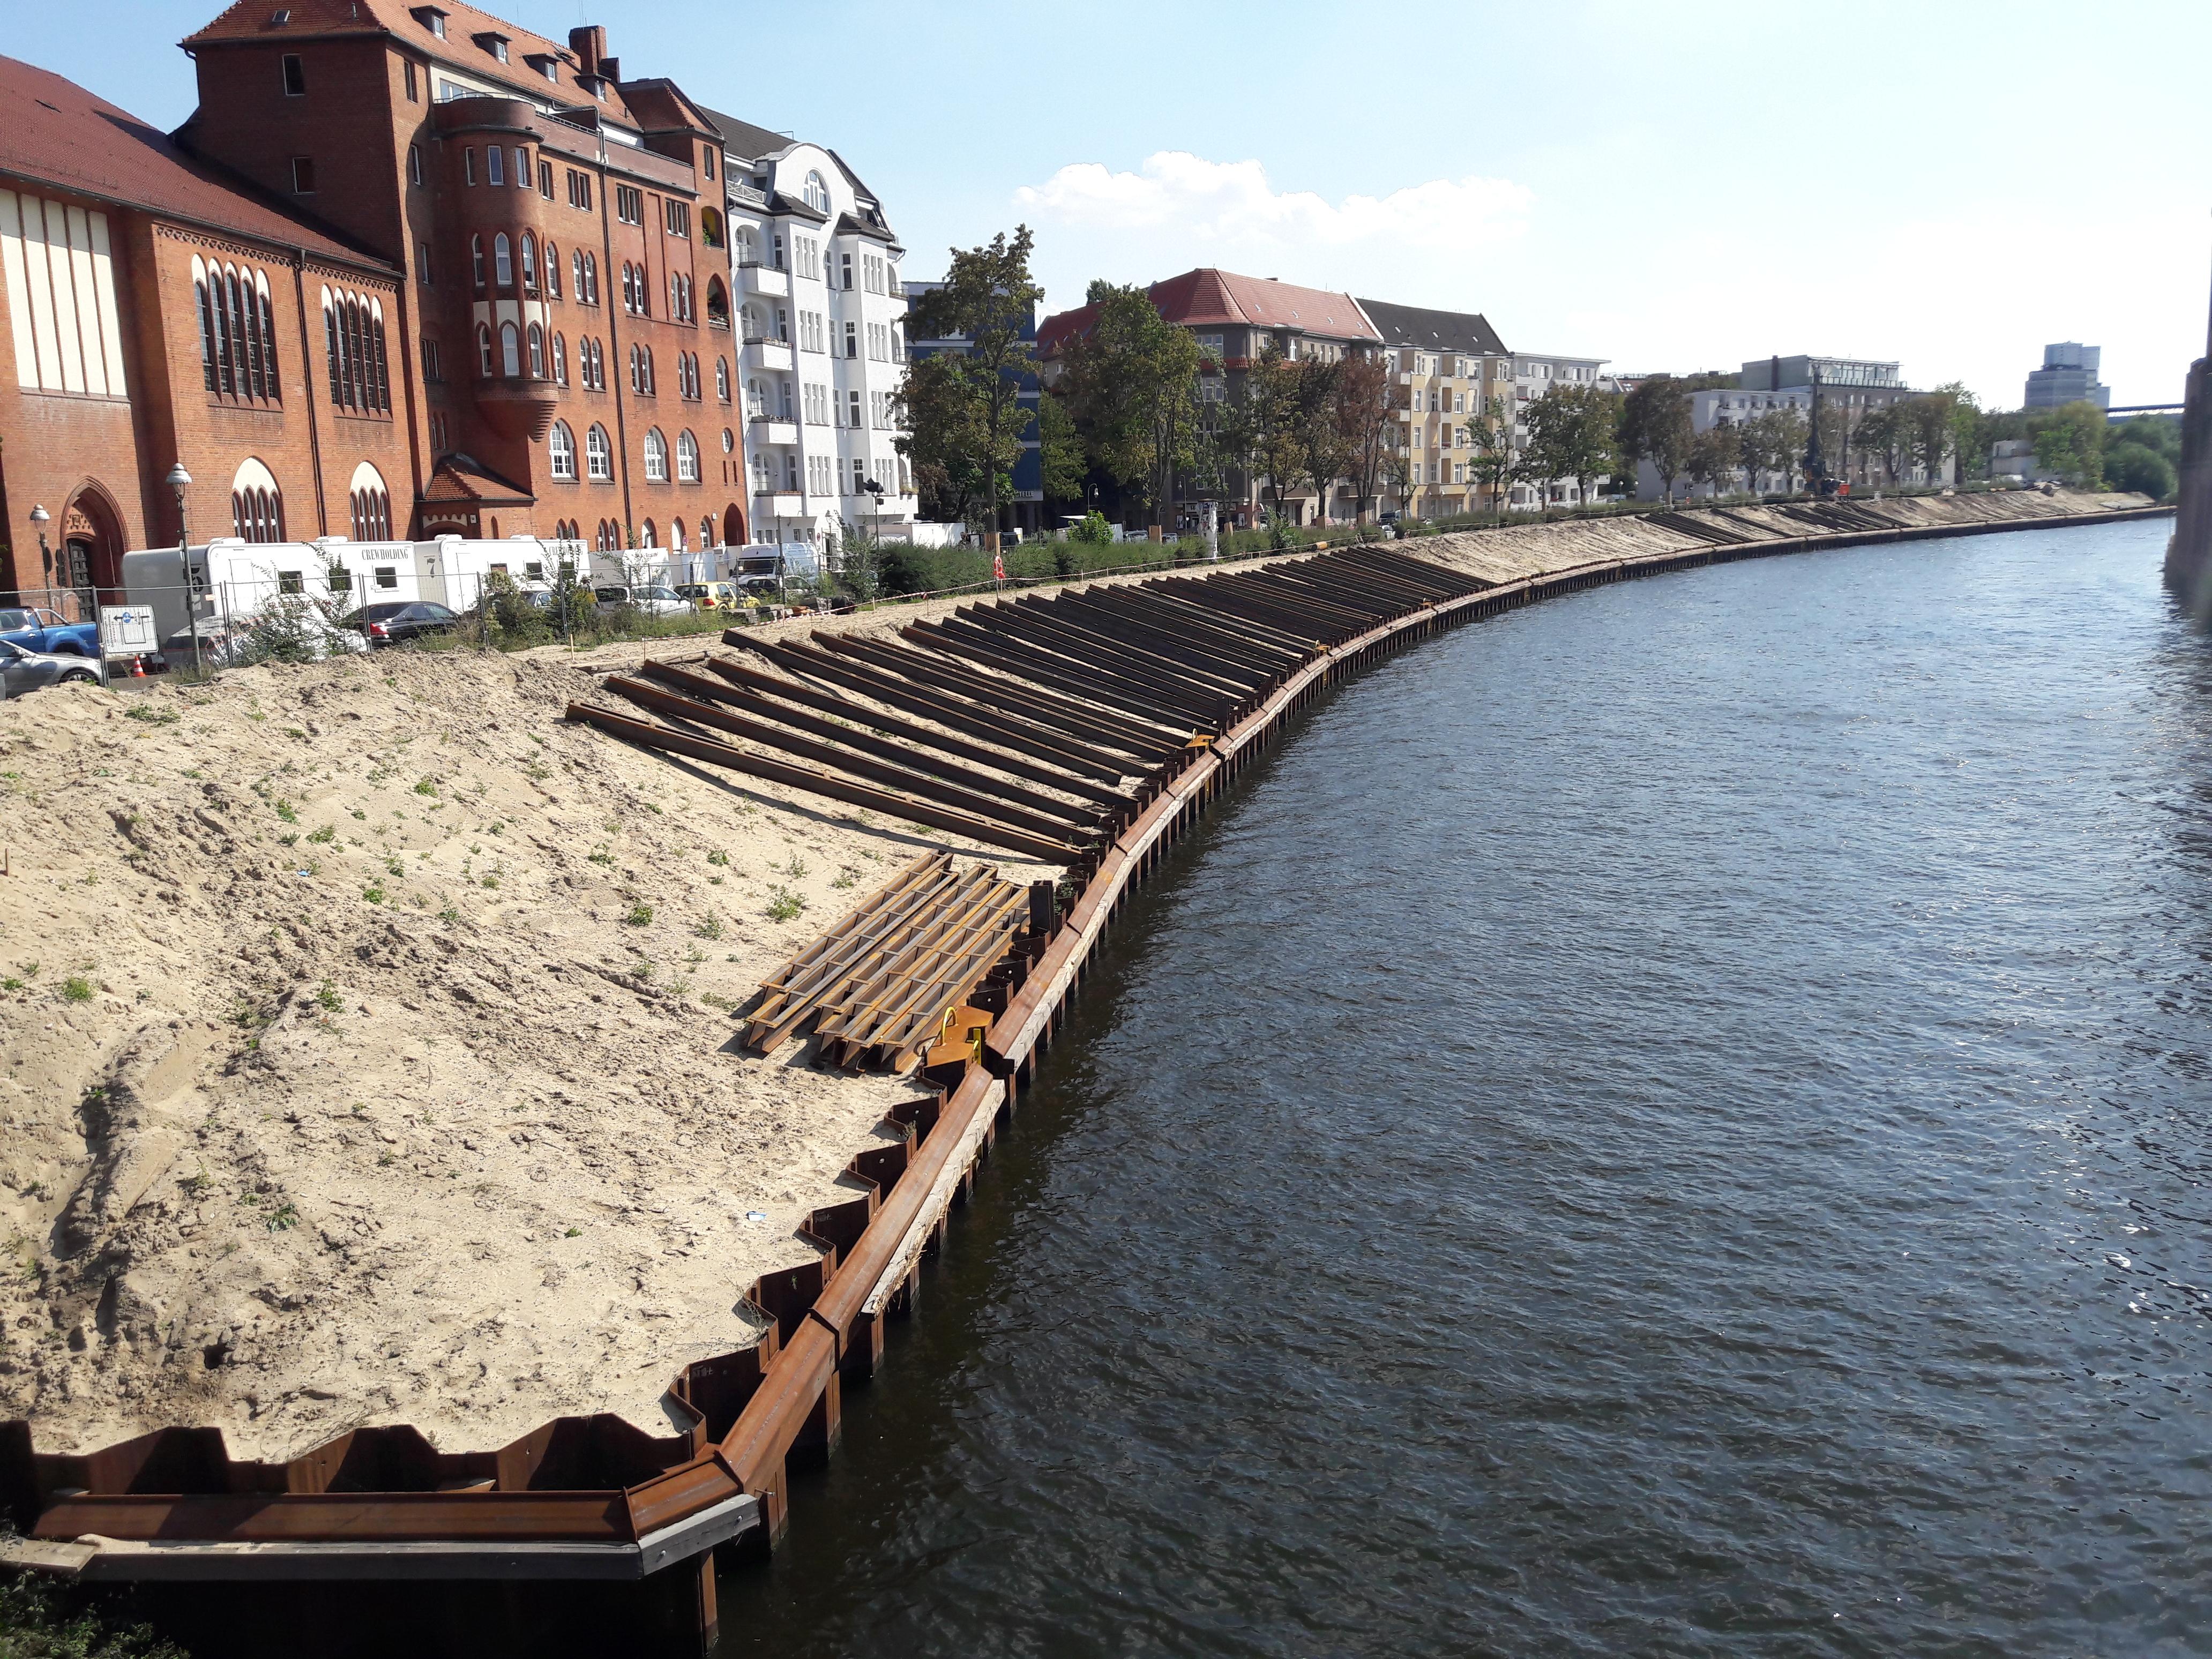 Wikingerufer-Uferwand-Erneuerung.jpg